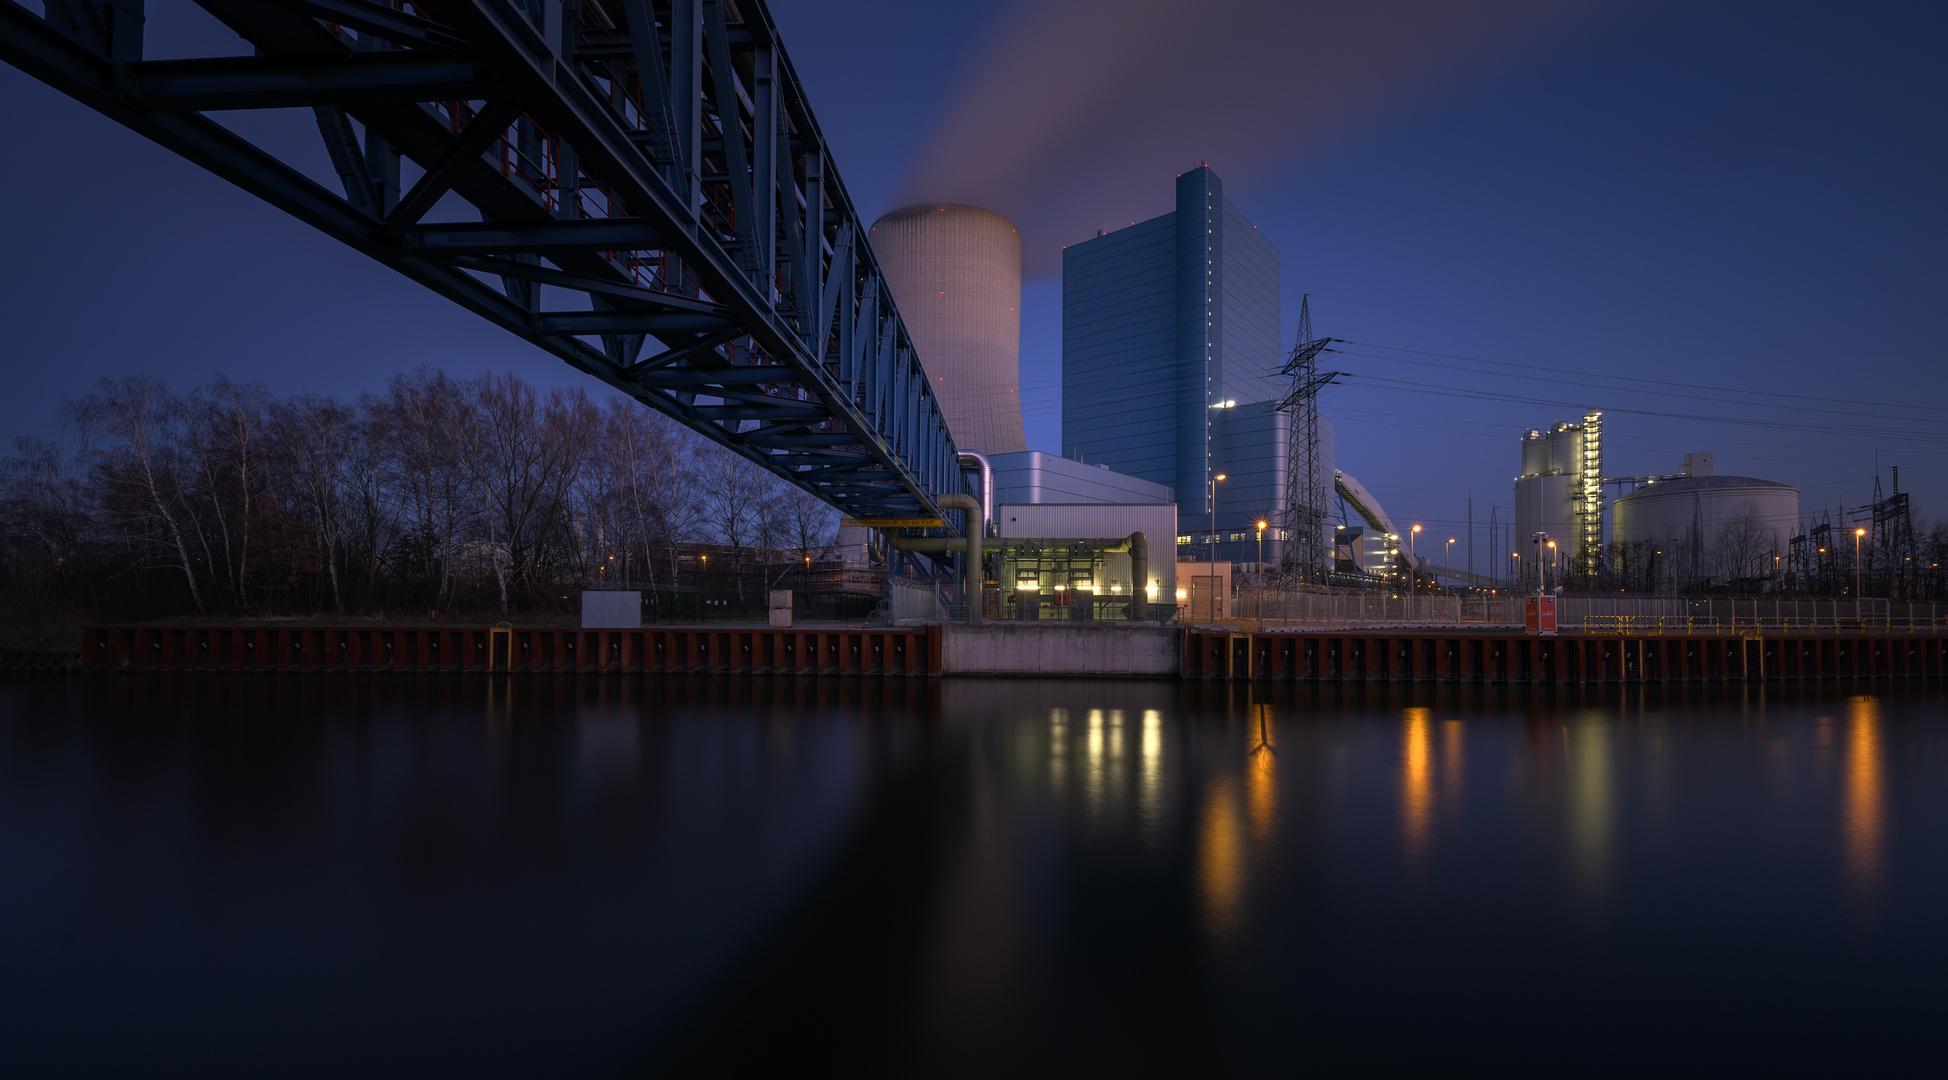 Steinkohlekraftwerk Datteln IV